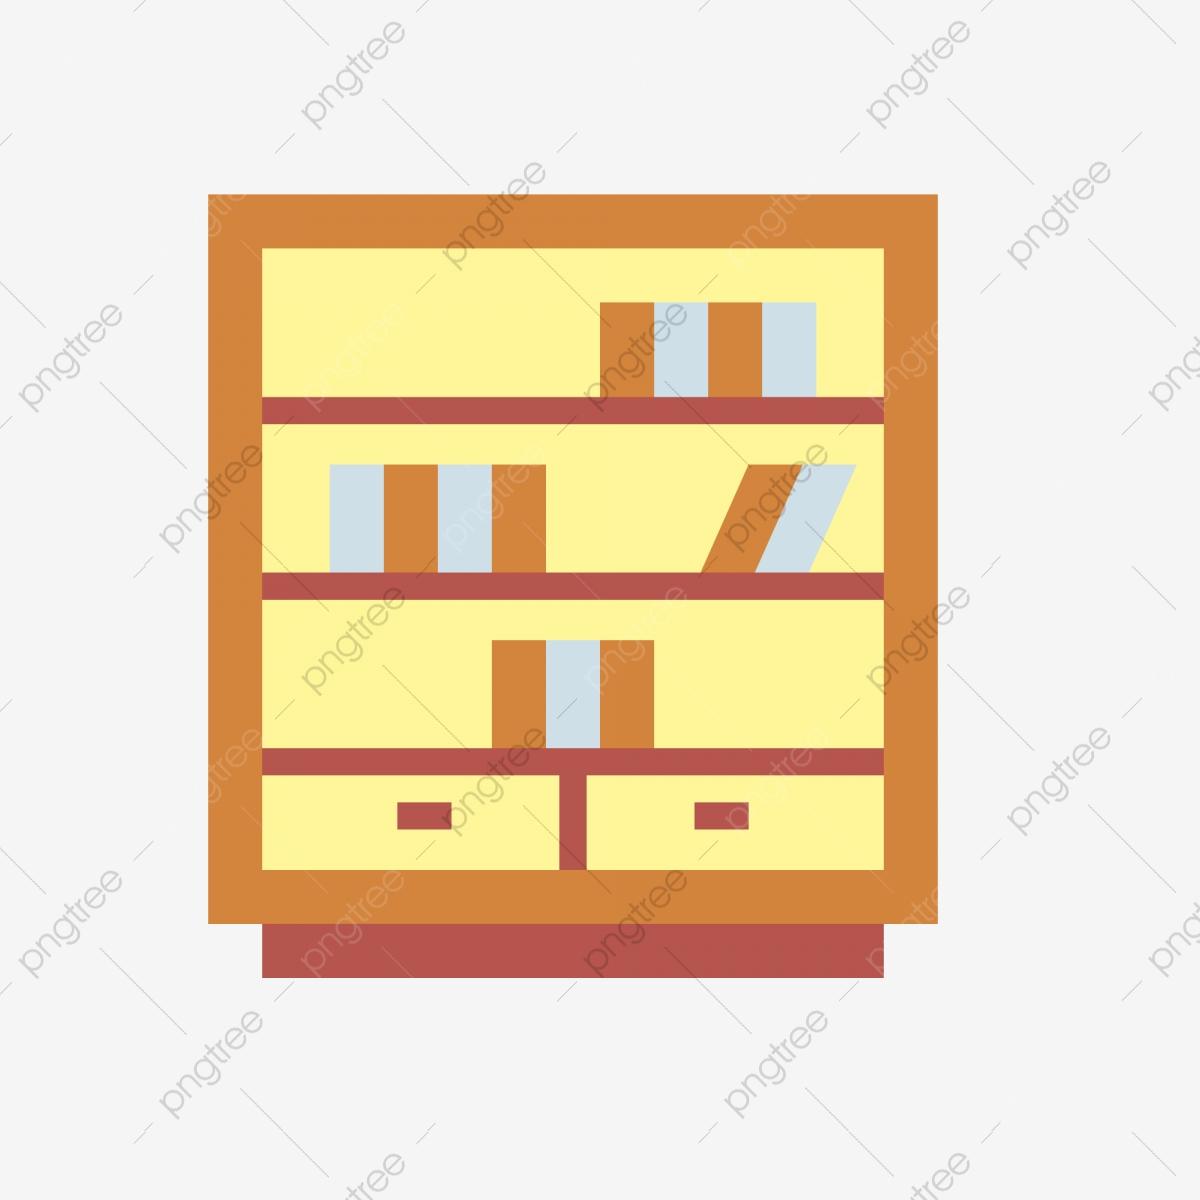 Estanteria De Libros Libreria Inicio Muebles Muebles Libre Material.